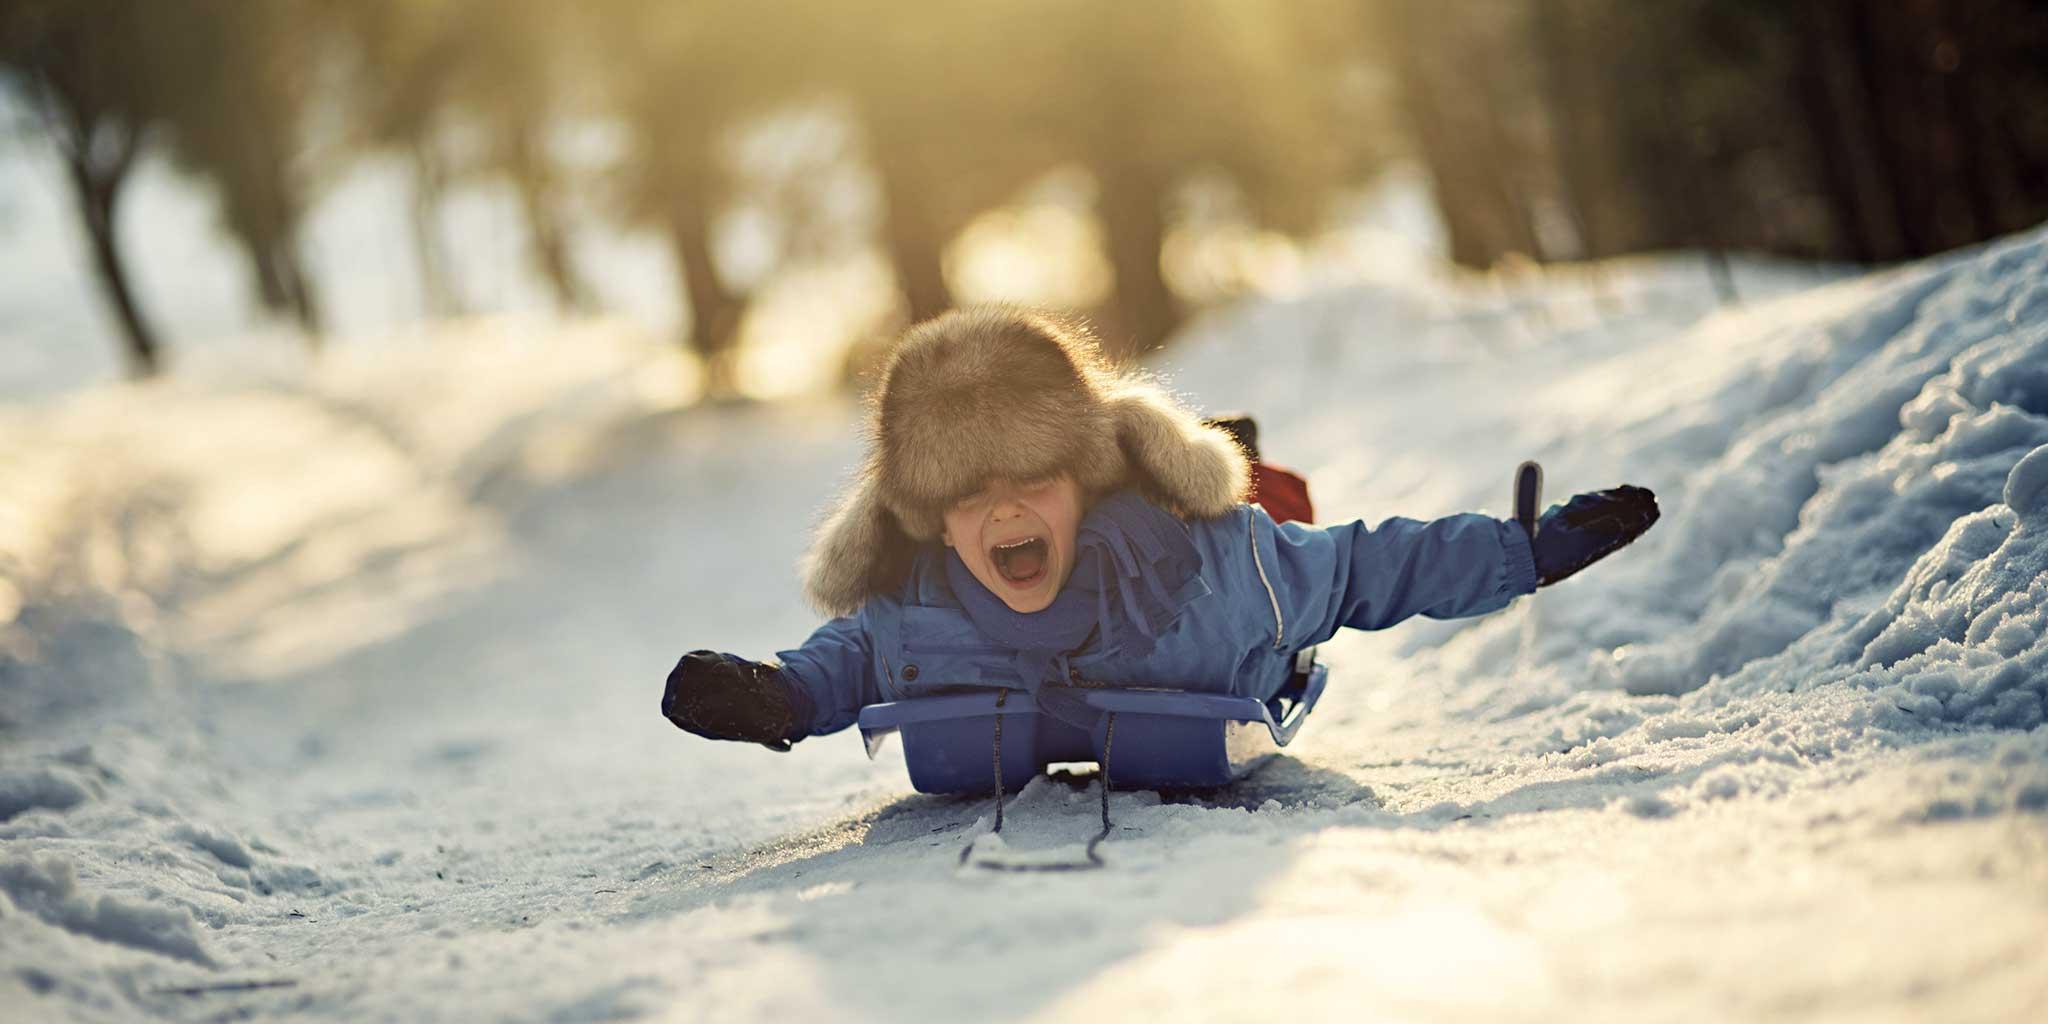 Kleine kind op een slee in de sneeuw